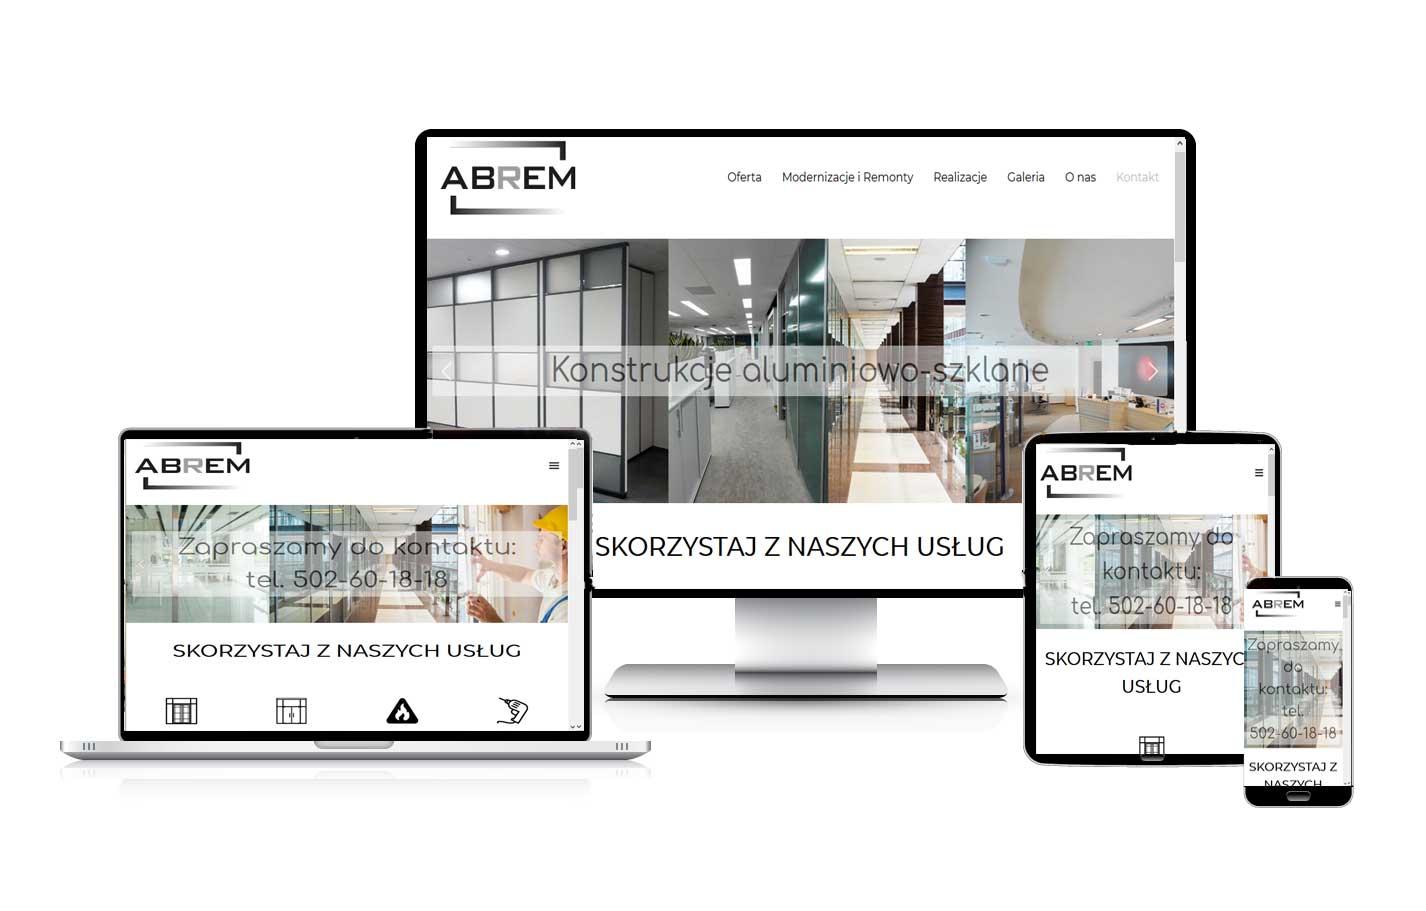 Tworzenie stron internetowych dla firm Strona dla firmy Abrem